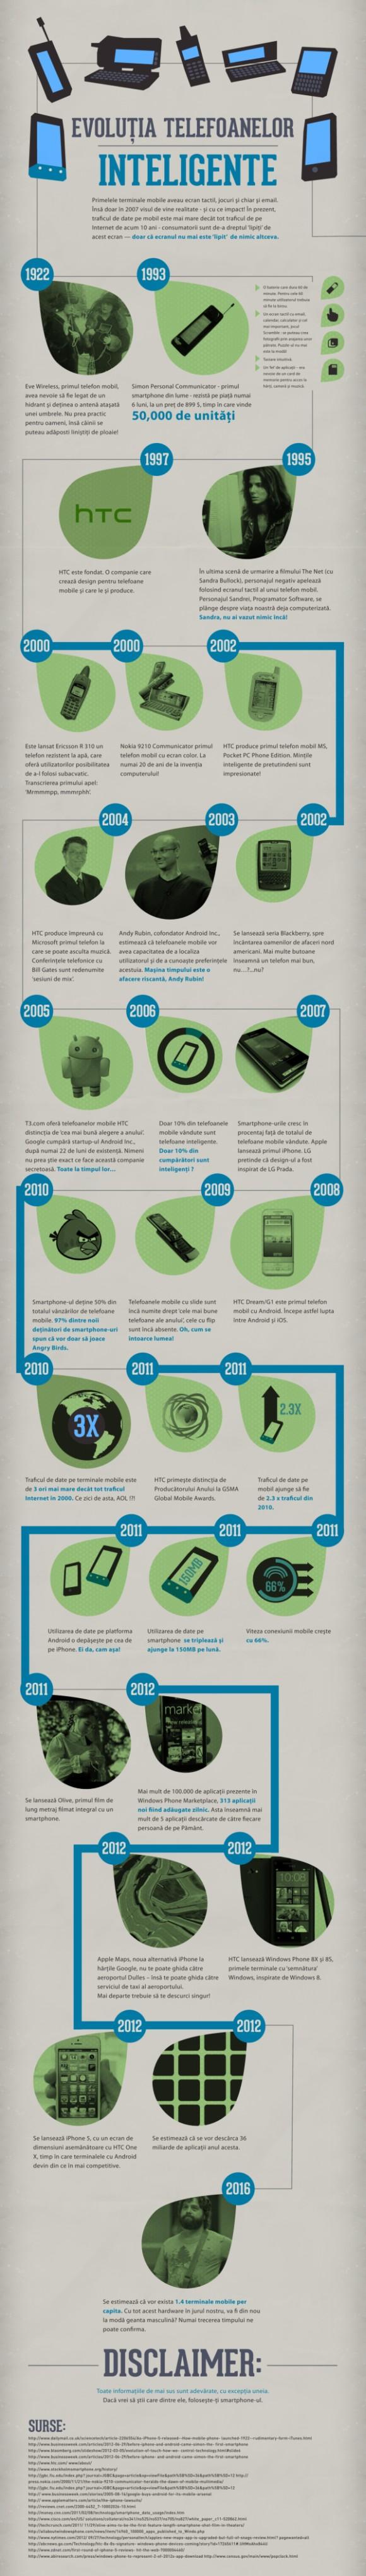 Evolutia smartphone-ului in viziunea HTC